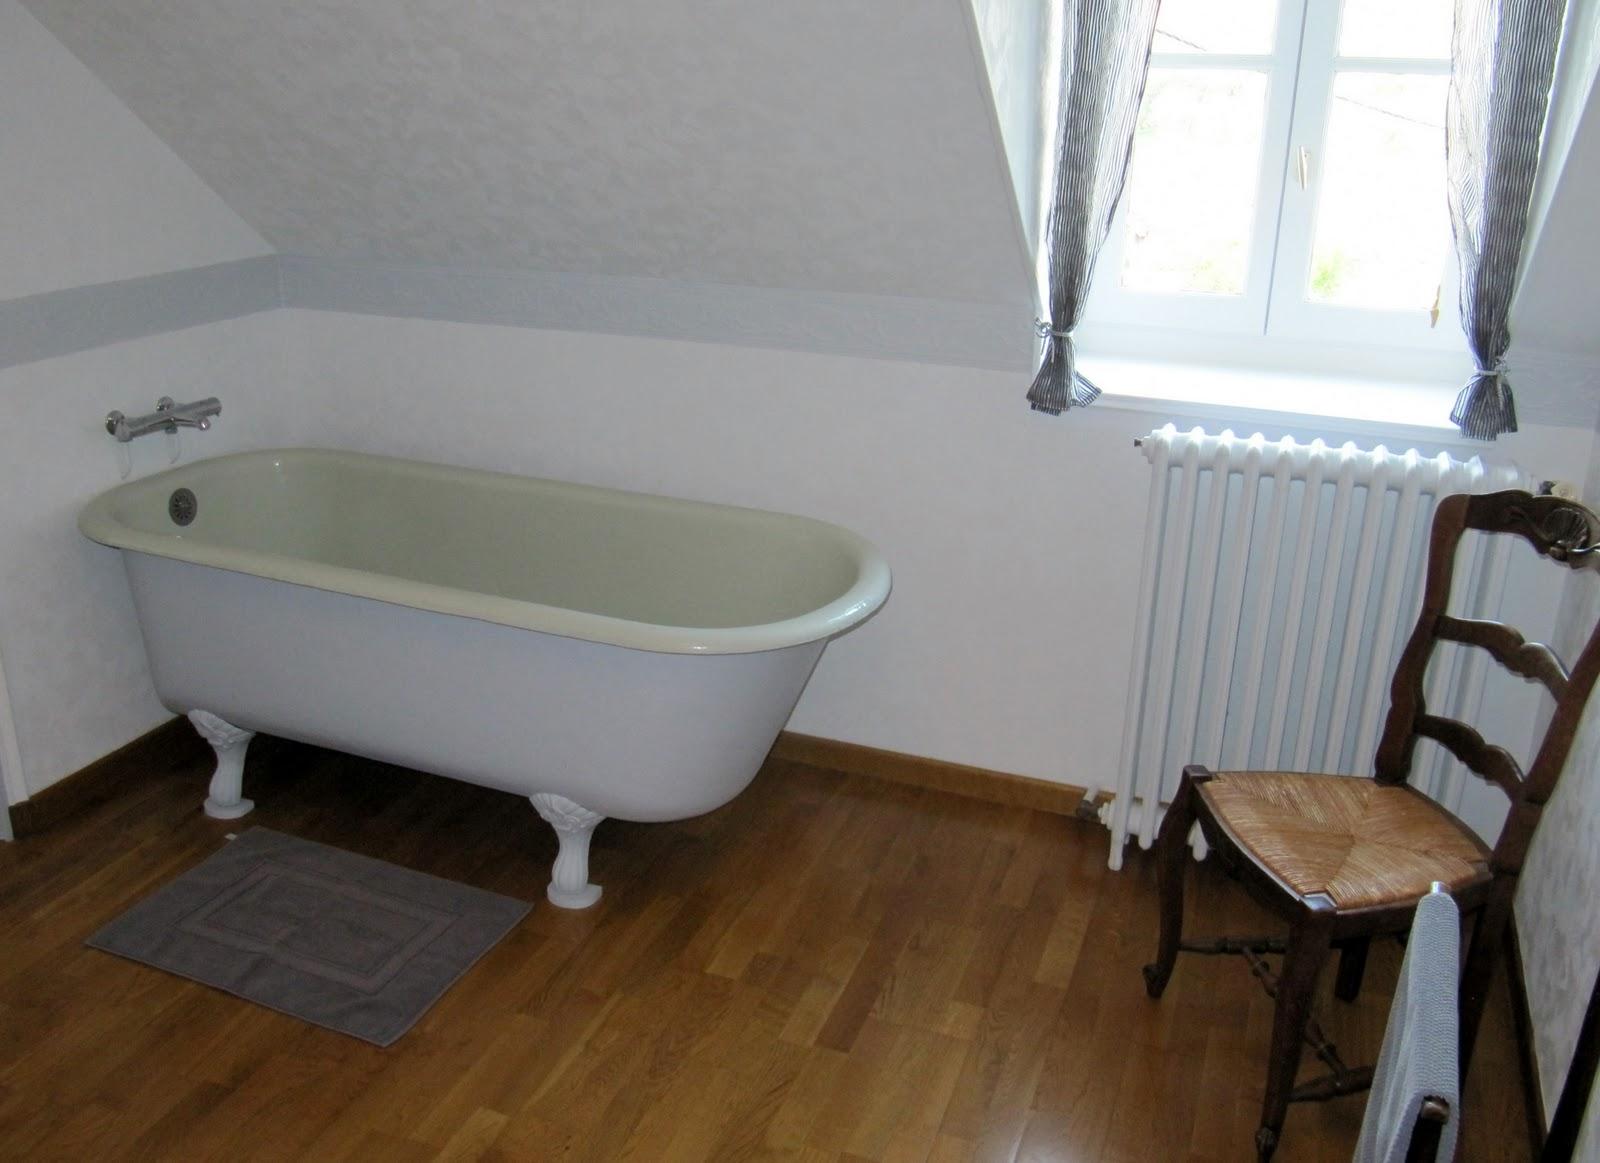 Vrijstaand bad met pootjes bad op poten bad op pootjes vrijstaand